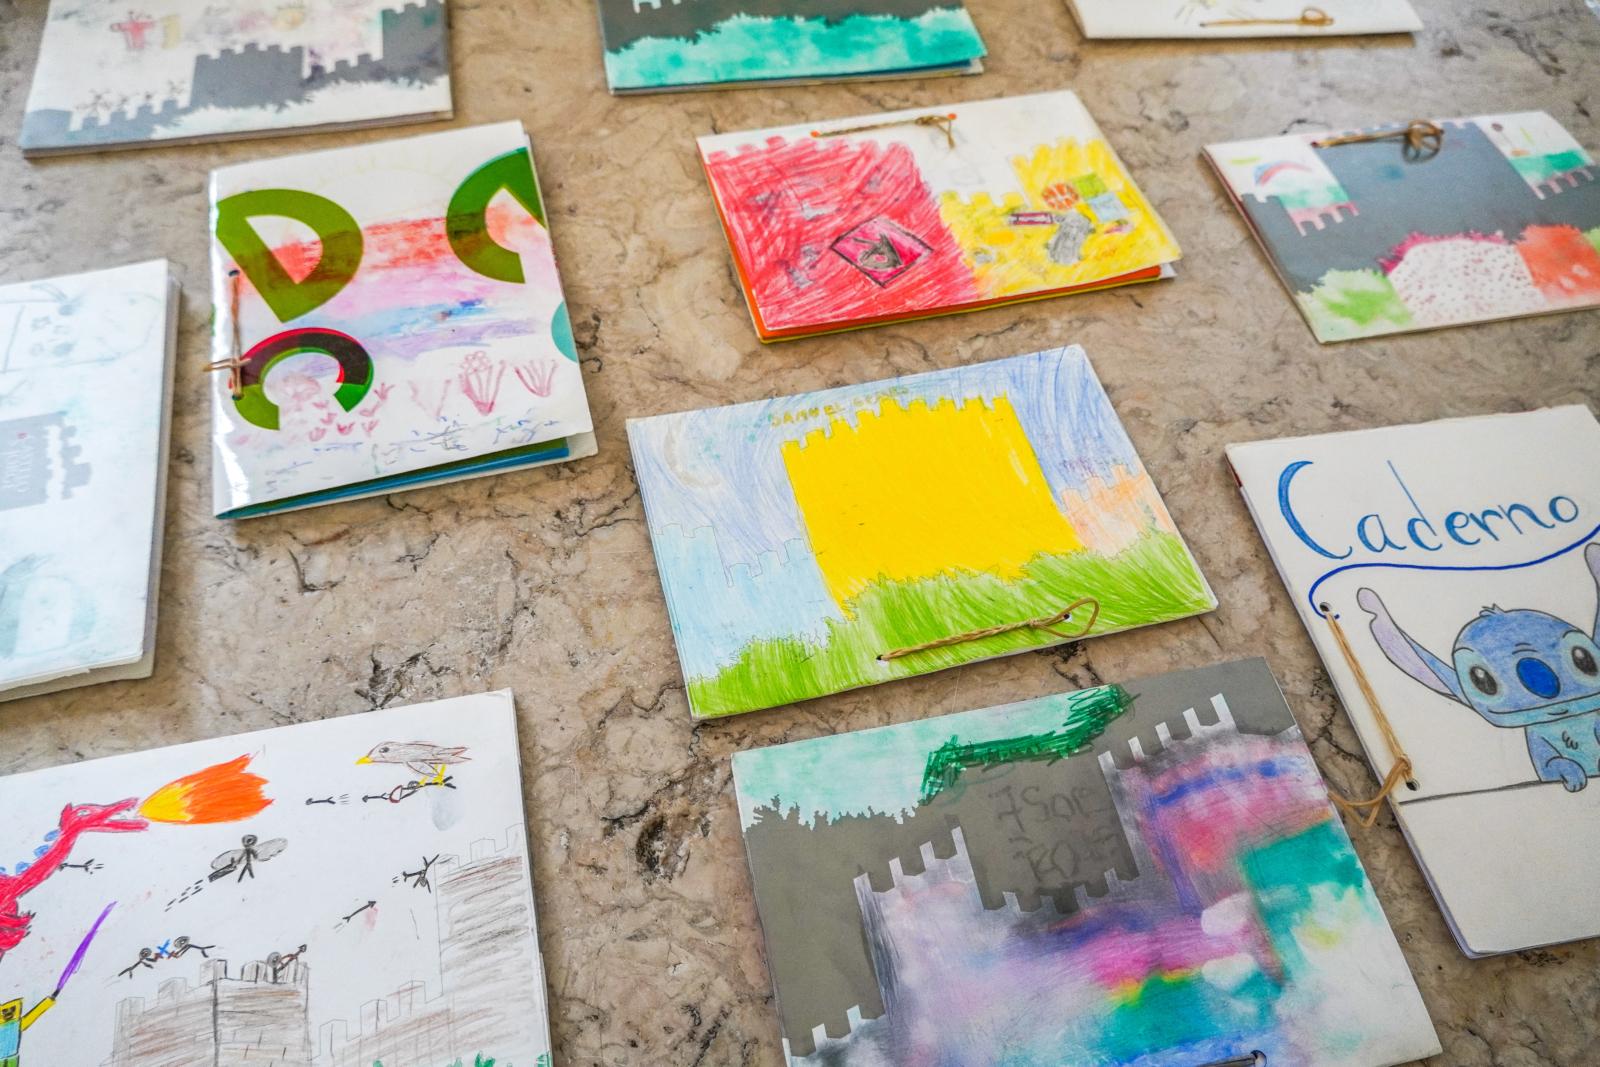 Vários cadernos com as capas ilustradas por crianças